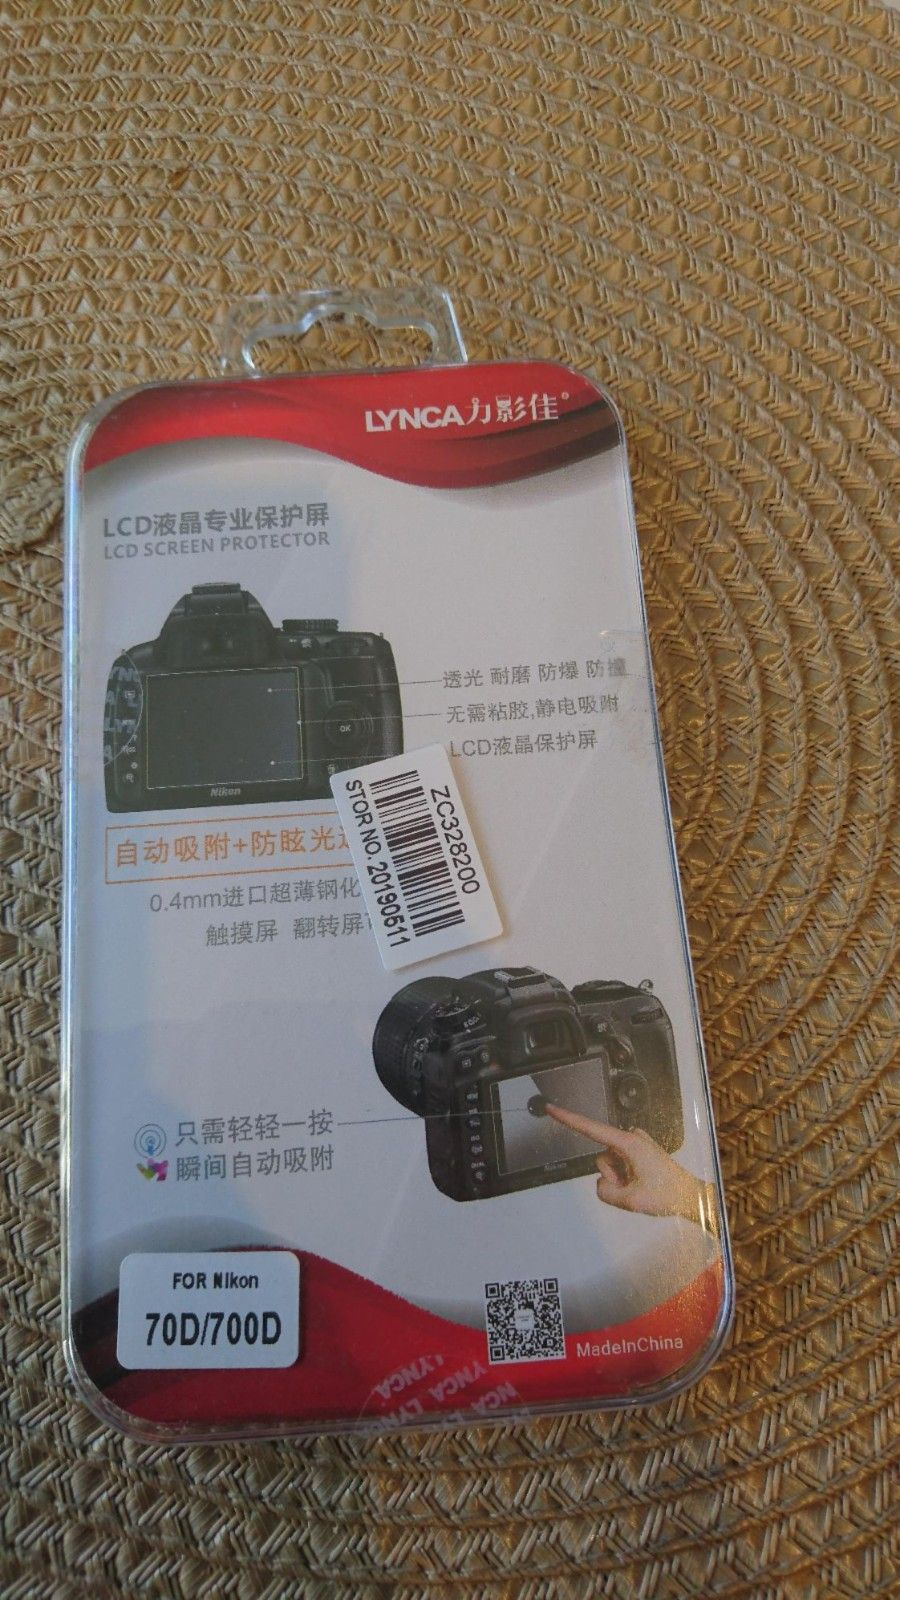 LCD skjermbeskytter til Nikon 70D/700D kamera - Stavanger  - LCD screen protector for Nikon 70D / 700D. Helt ny i original forpakning. Kjøpte feil størrelse og kan ikke bruke dette på eget kamera, selges derfor videre. - Stavanger